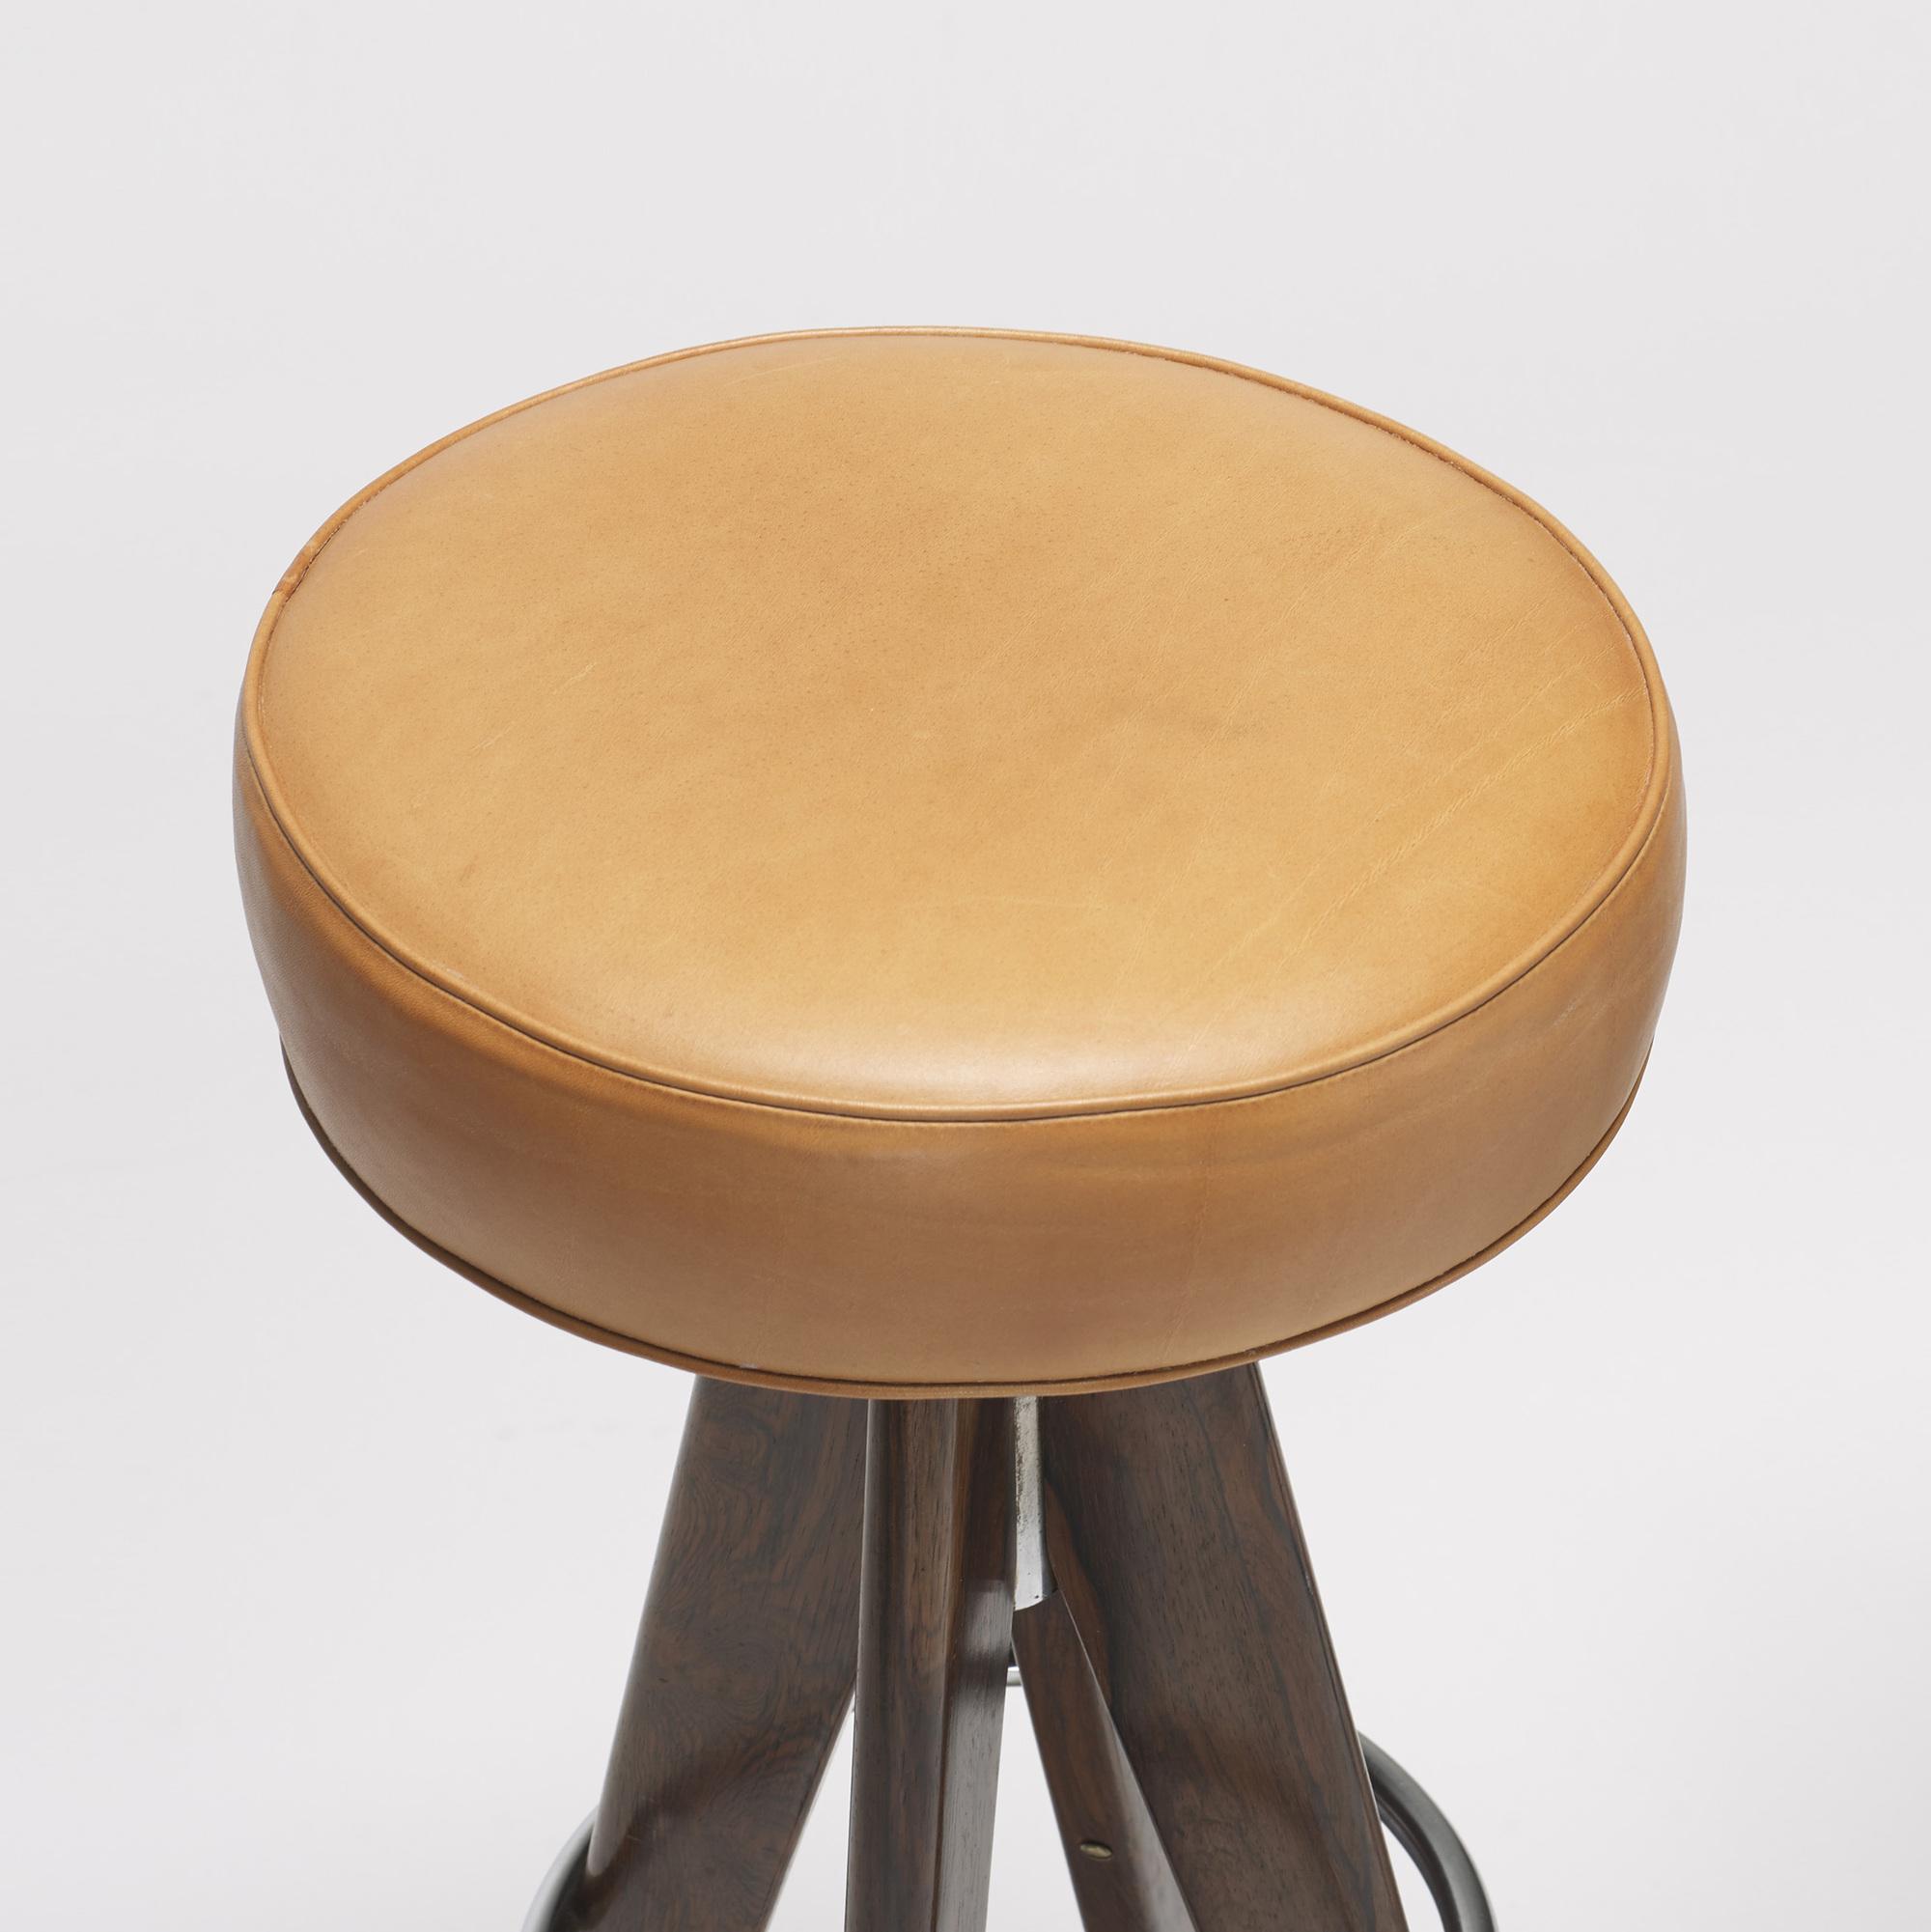 320: Arne Hovmand-Olsen / stools, pair (2 of 2)